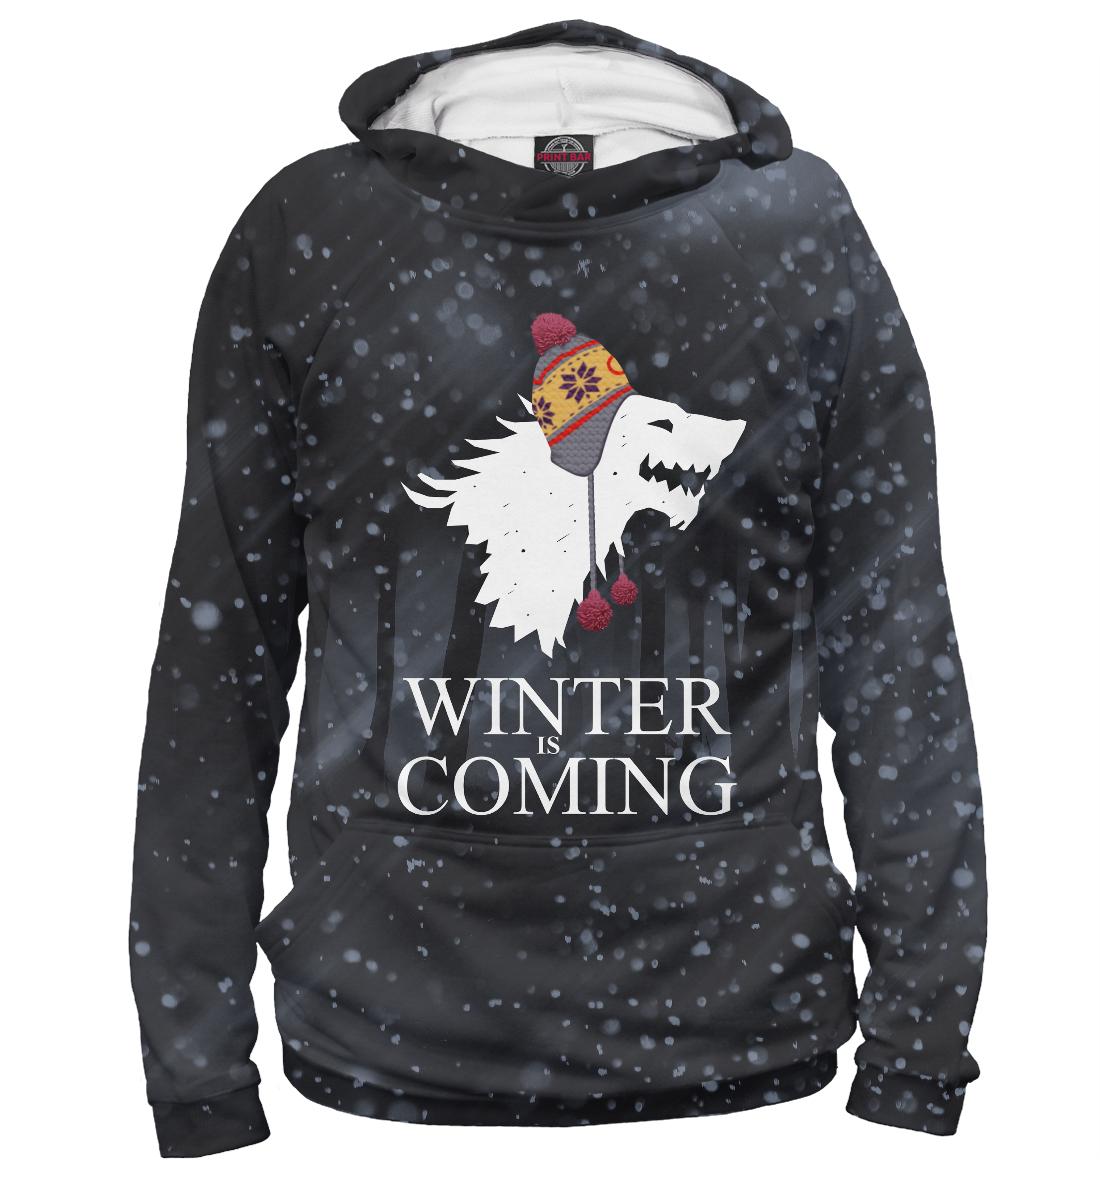 Купить Зима близко, Printbar, Худи, IGR-496837-hud-1